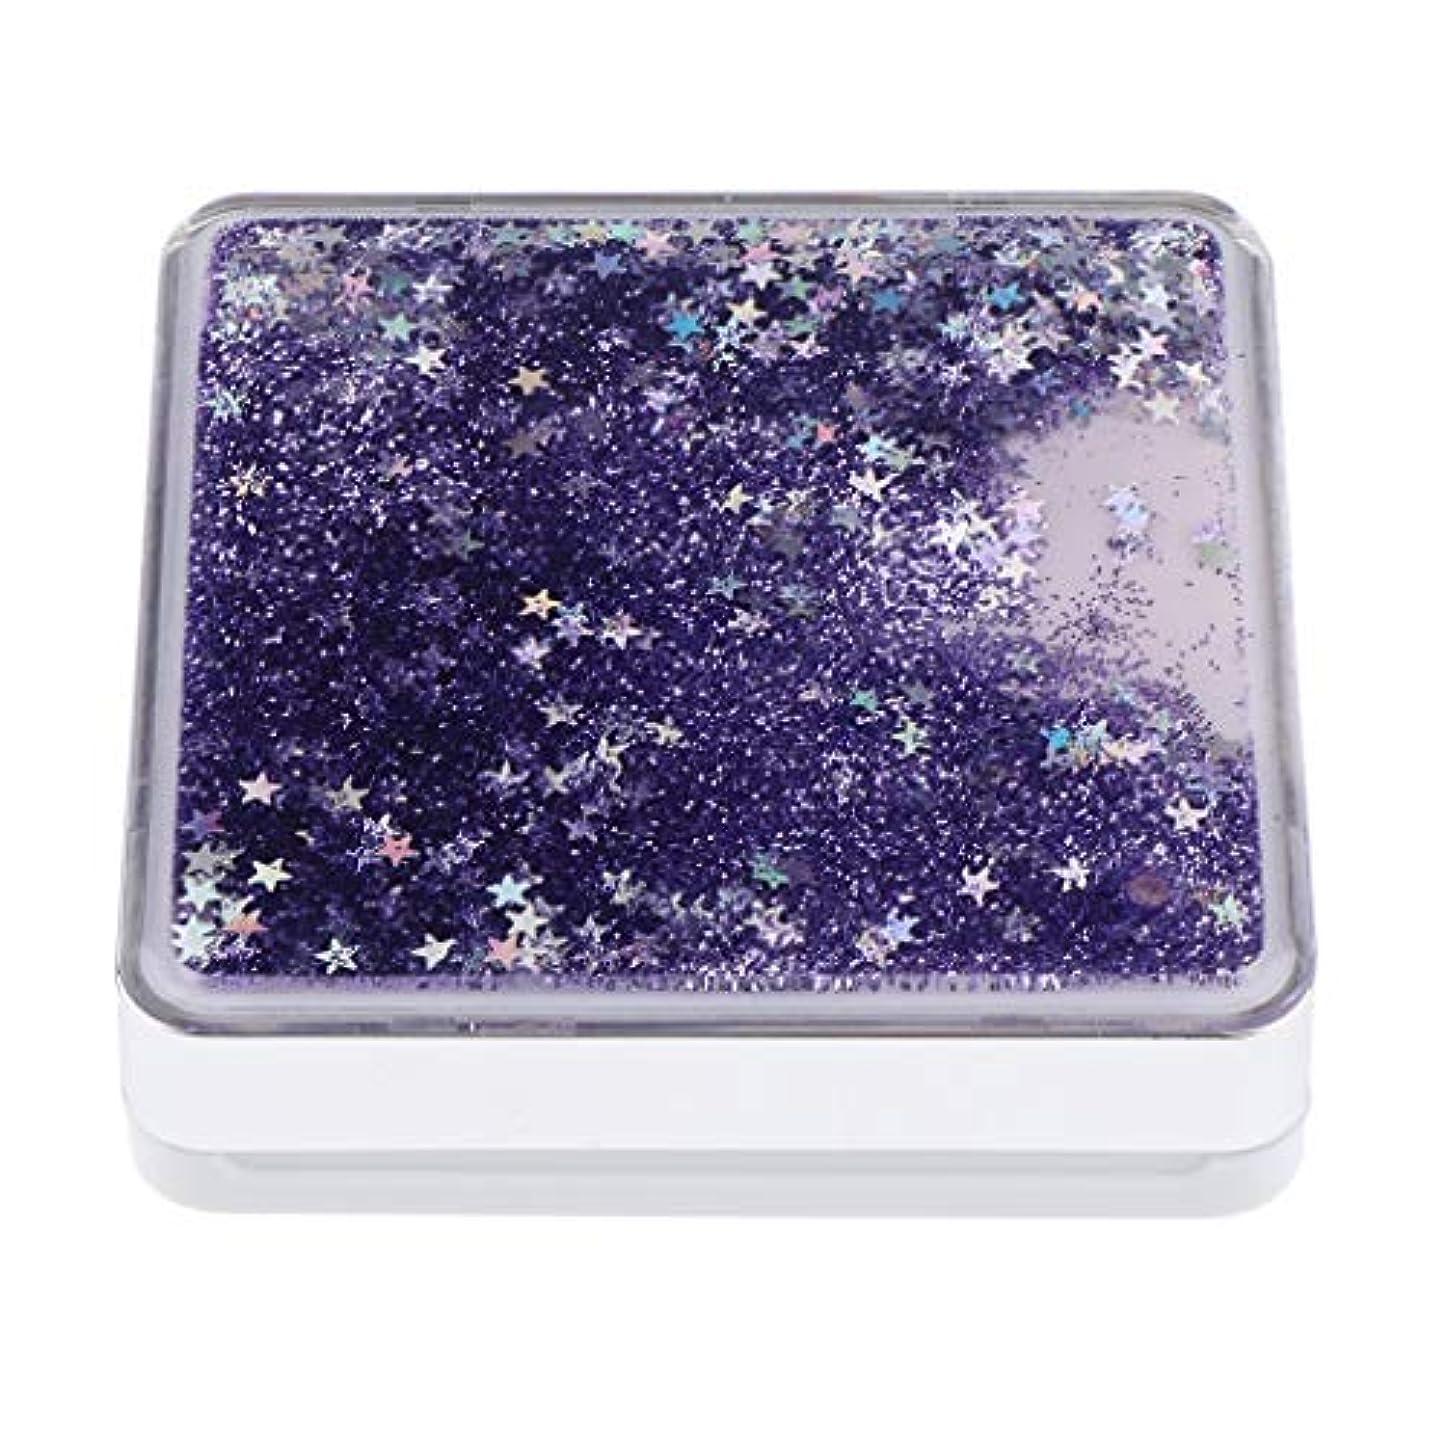 ウェイド確執種をまくエアクッションケース パフ 化粧鏡 ミラー付き コンパクト 旅行小物 化粧品ケース 3色選べ - 紫